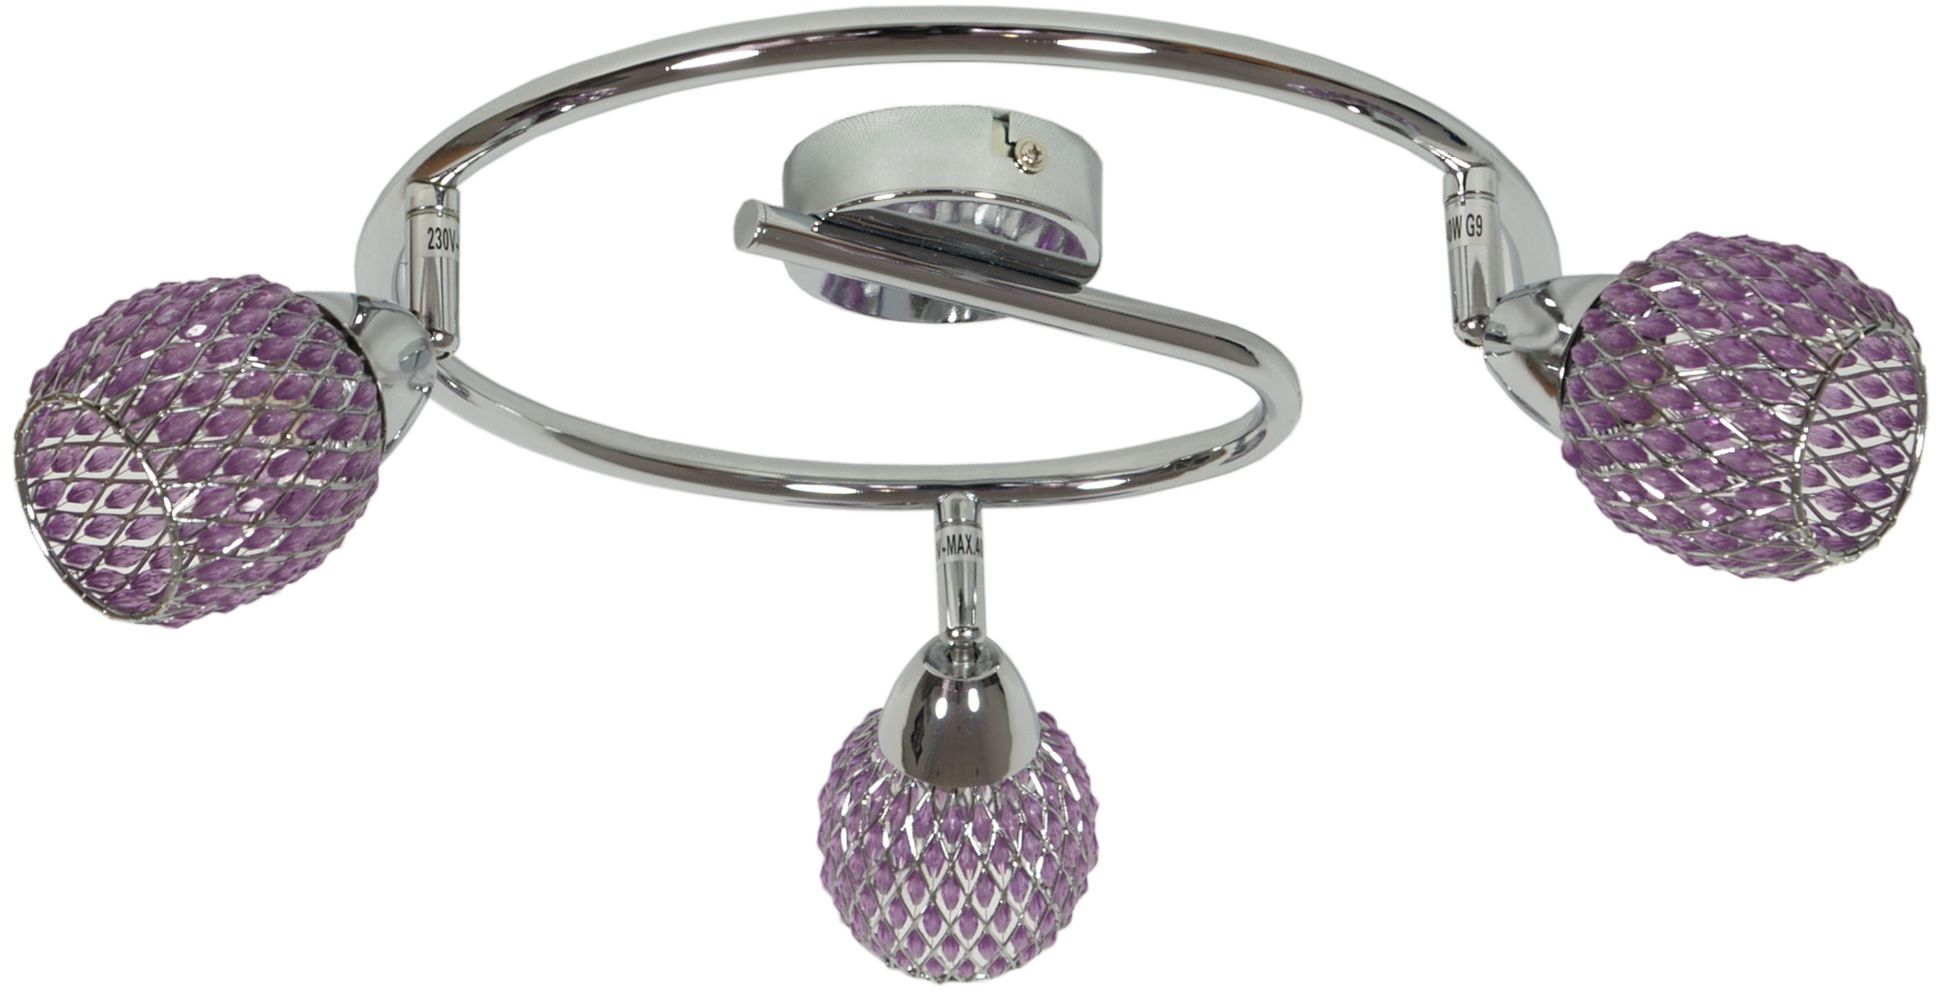 Candellux CLEAR 98-06936 plafon lampa sufitowa chrom kryształki fioletowe 3X40W G9 64cm